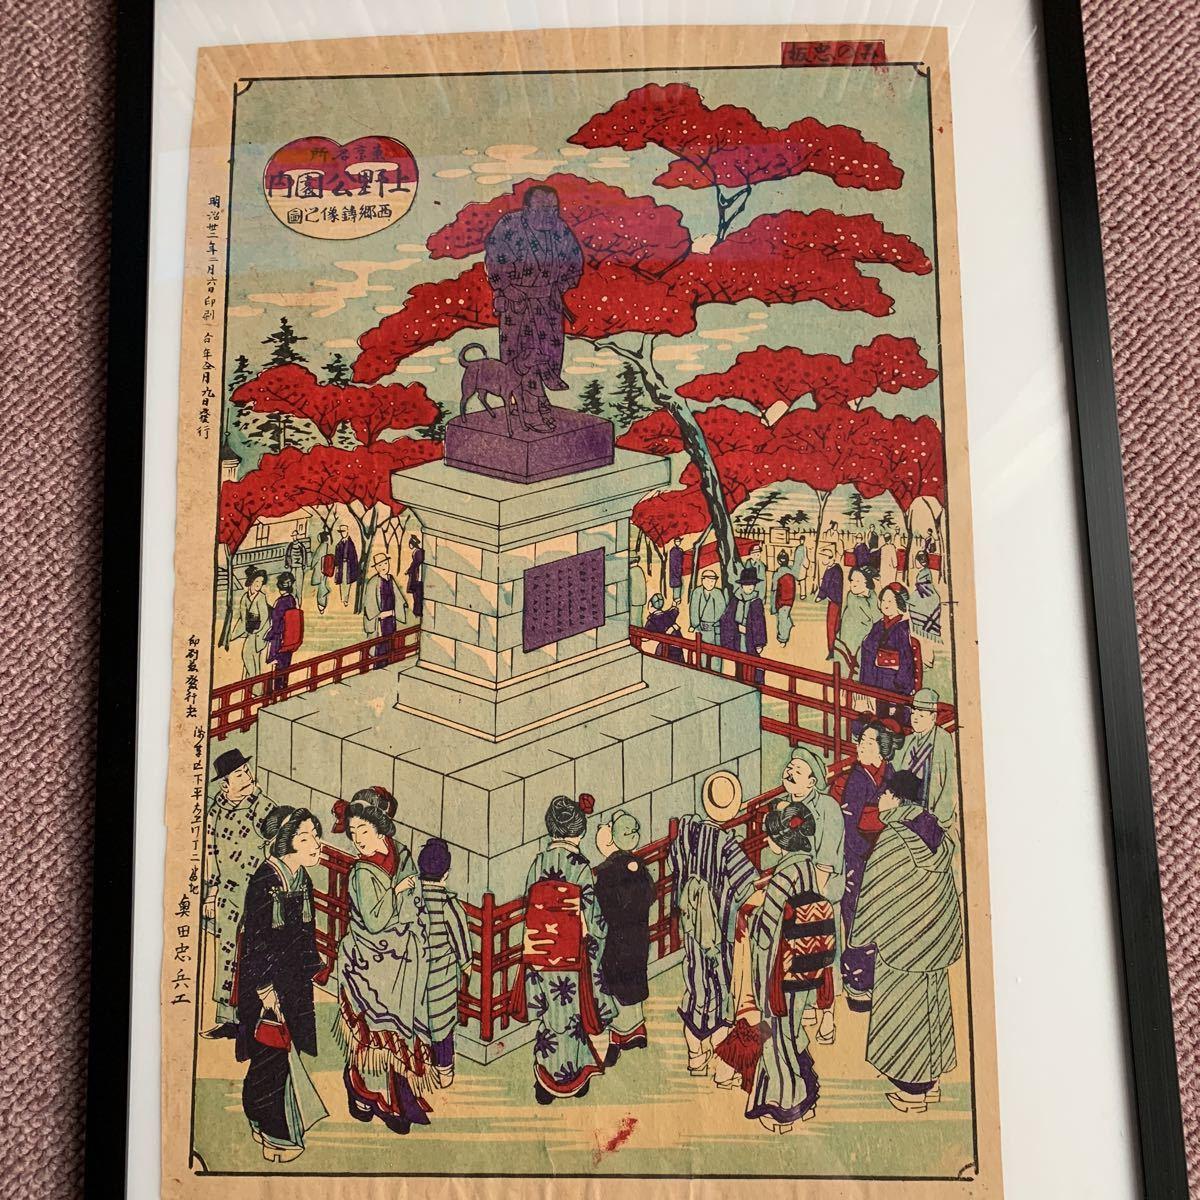 東京名所 上野公園内西郷銅像 版画 明治32年2月6日印刷_画像1